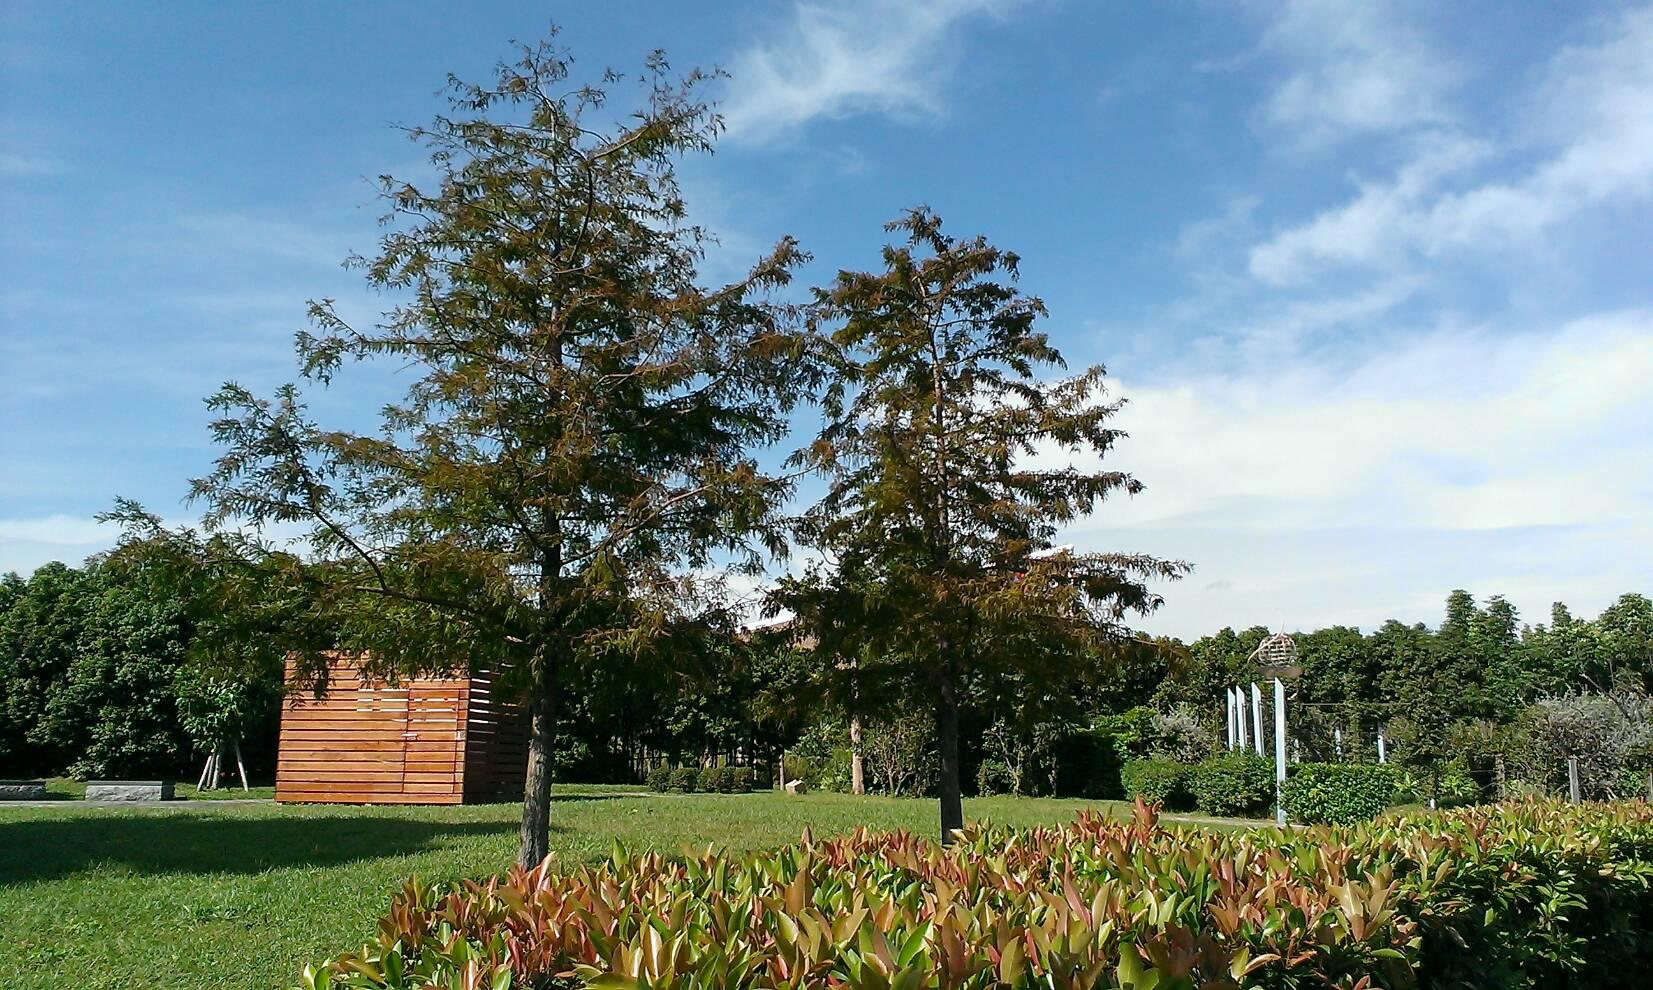 圖8、當冬季來臨時,落羽松便開始落葉,感受美好的冬日風情畫